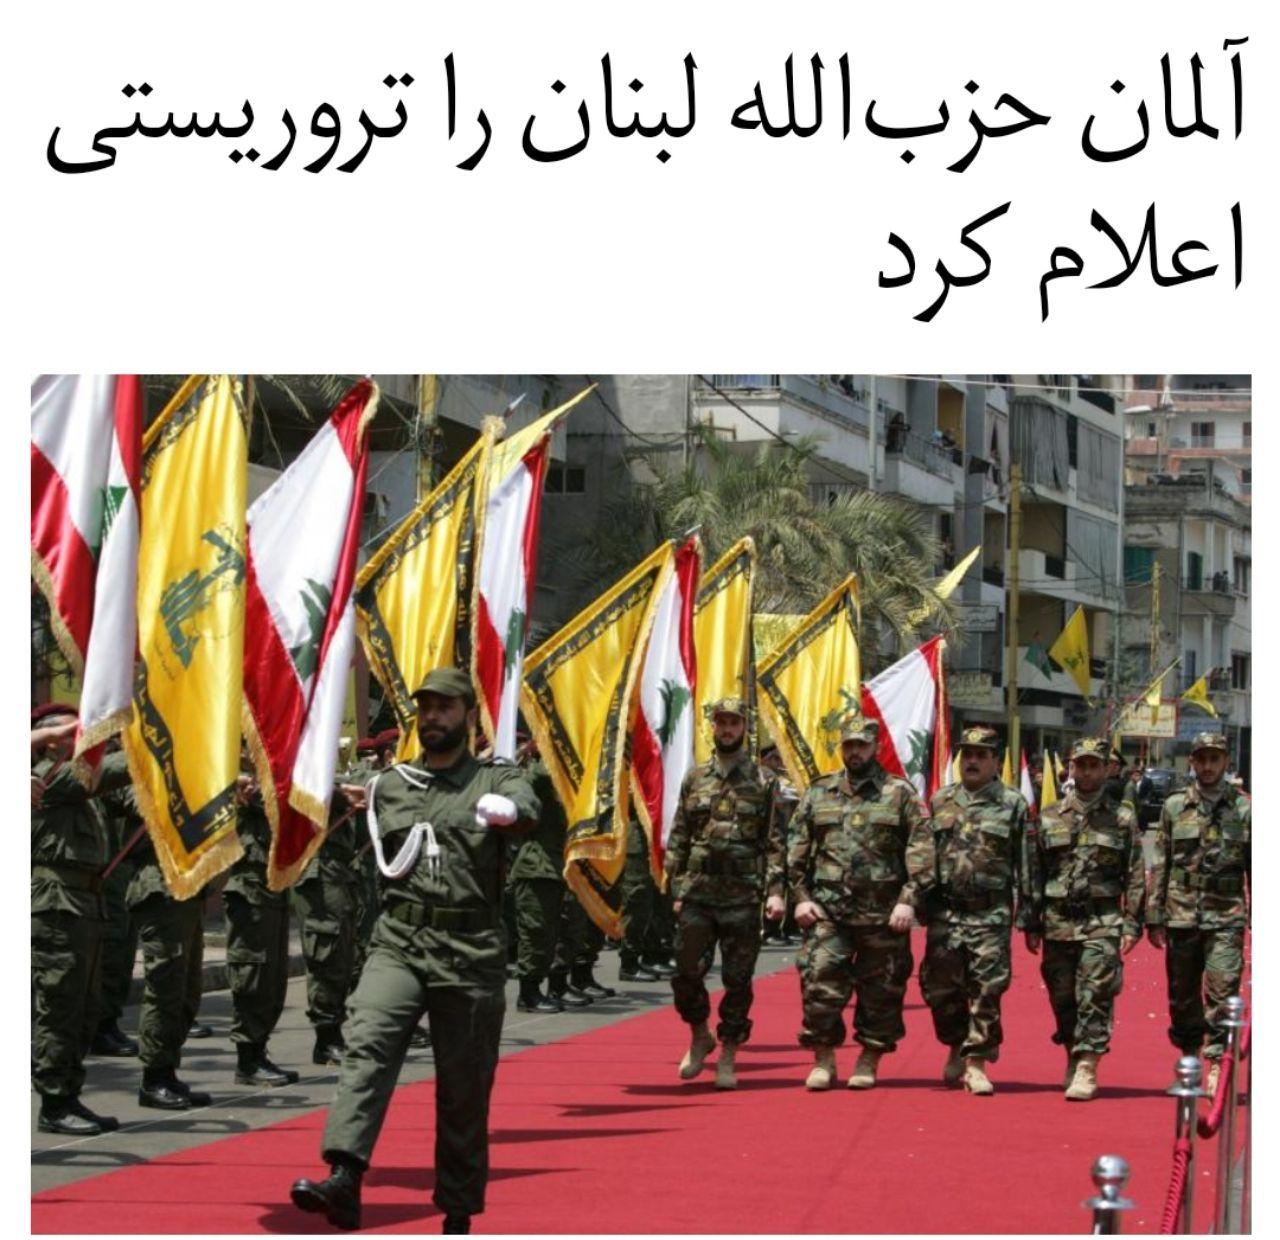 آلمان حزبالله لبنان را تروریس … 354405001588240805